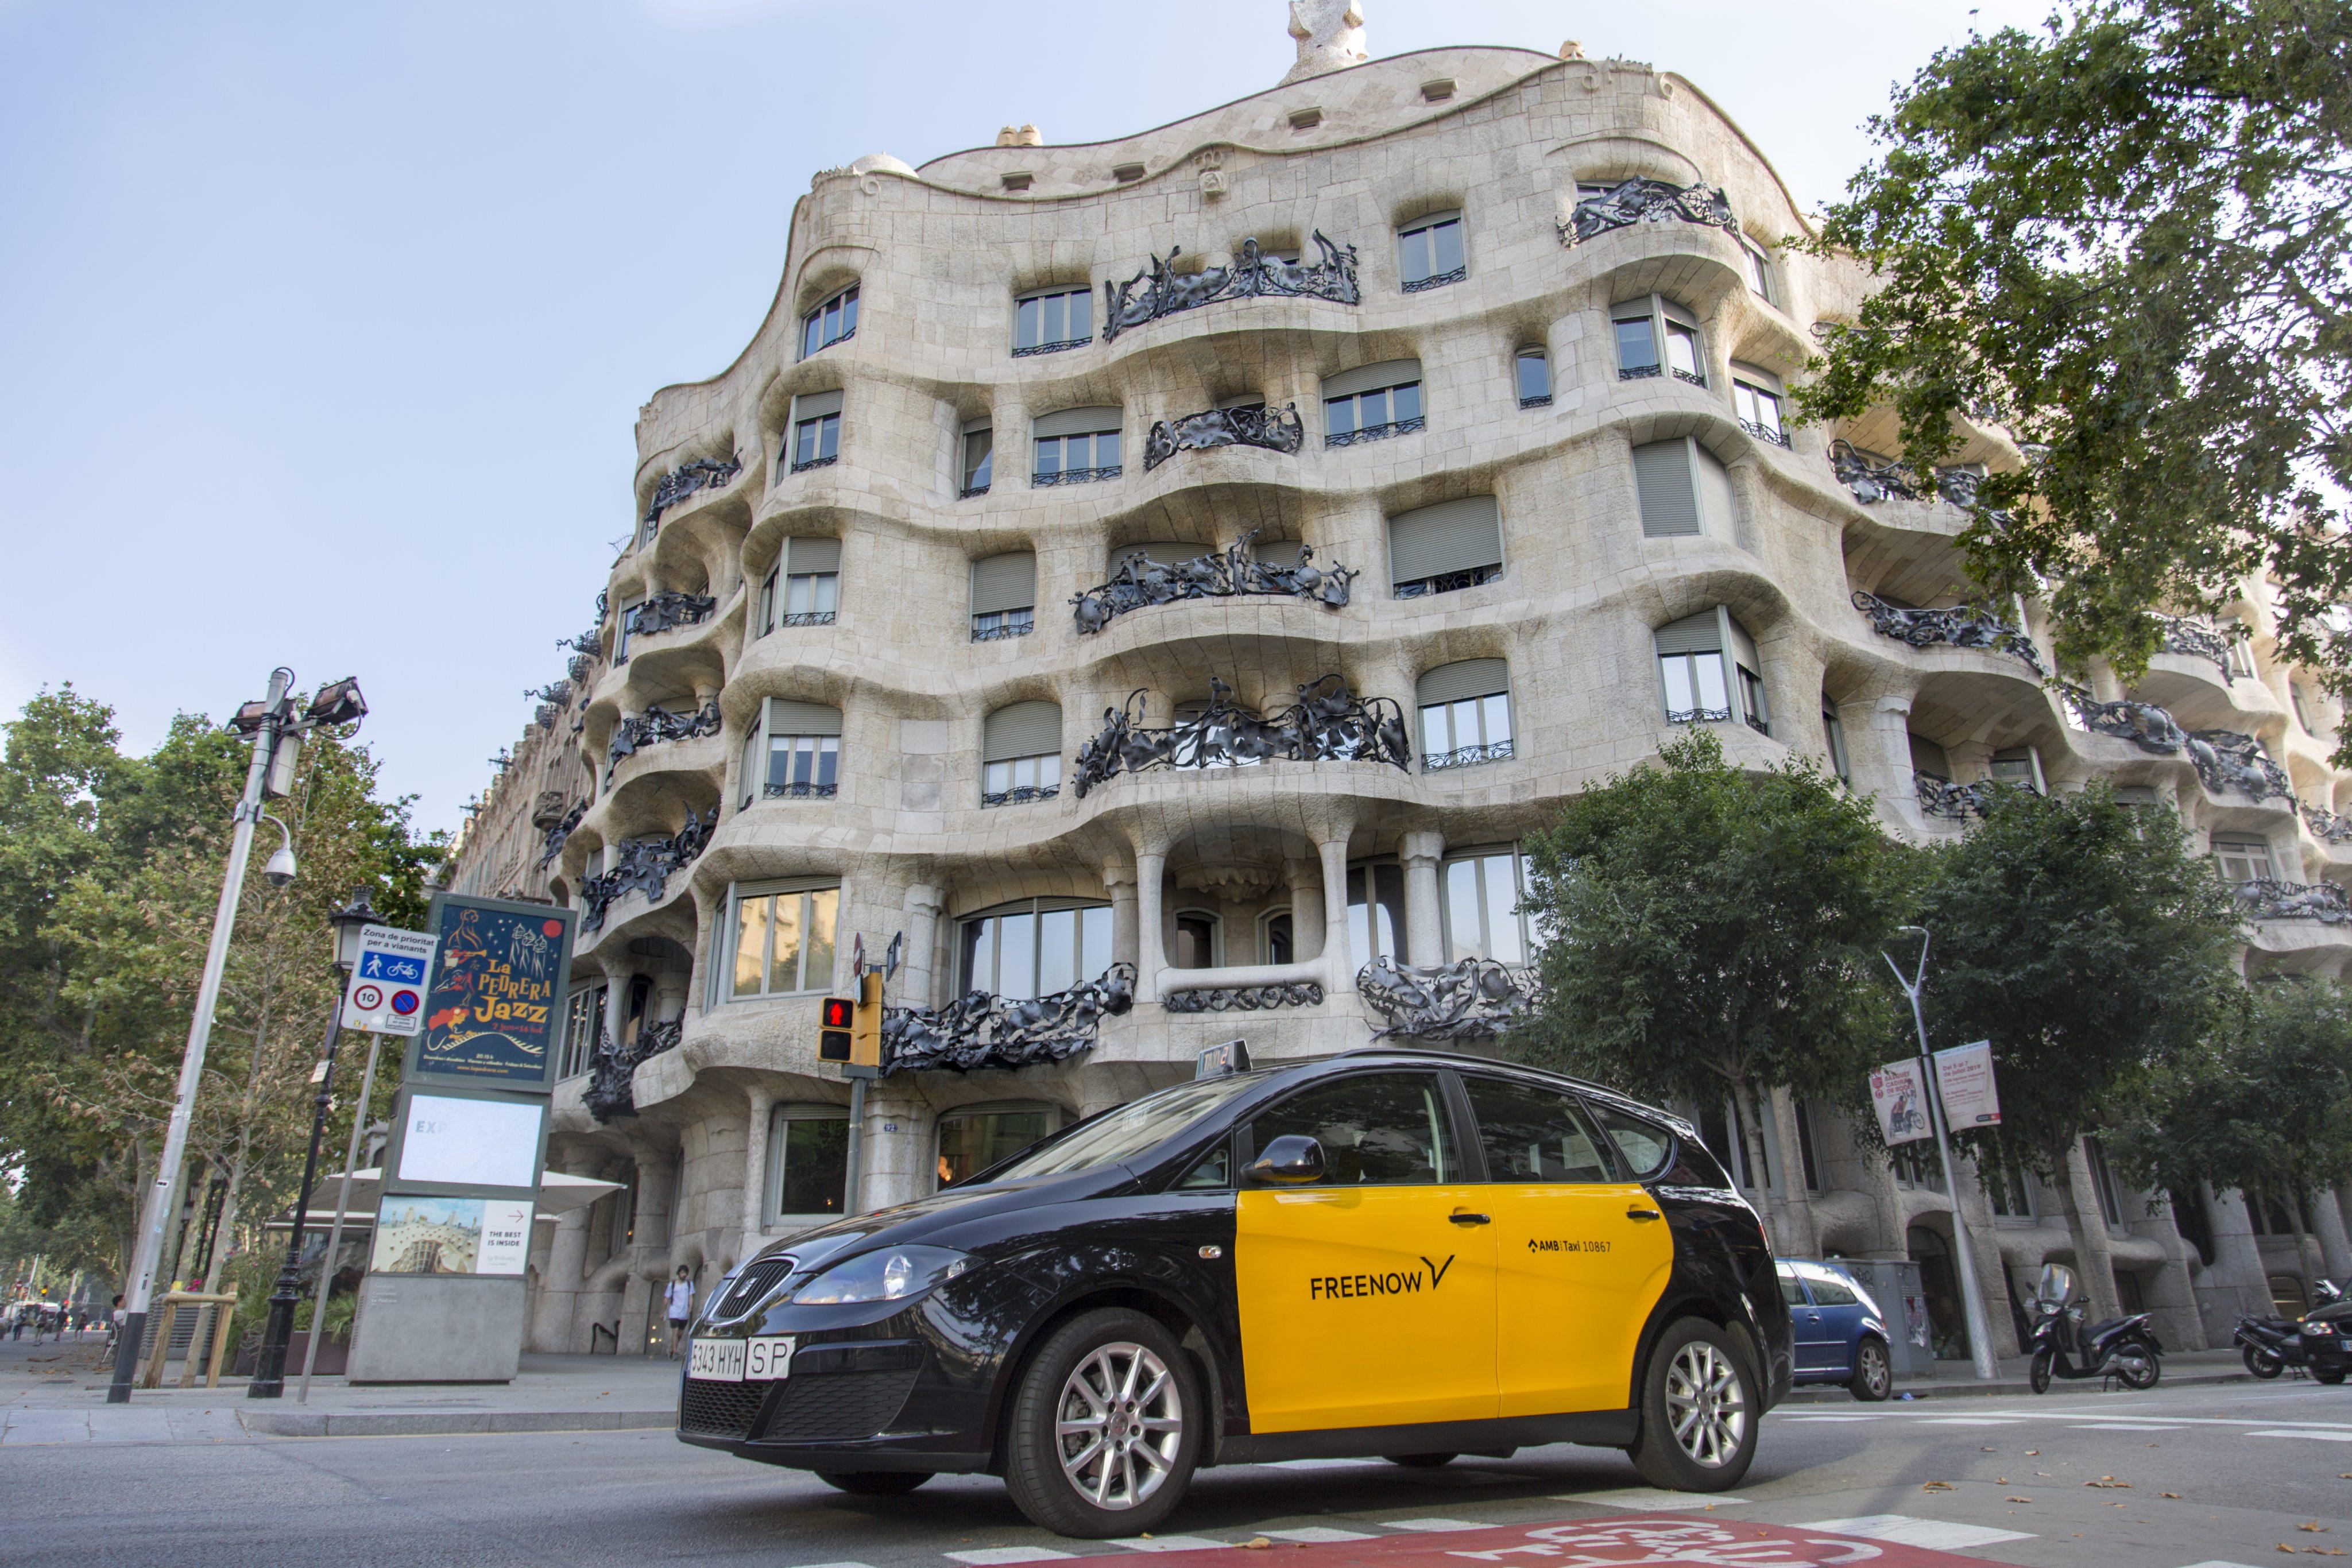 FreeNow (MyTaxi) выбирает Барселону, самый комфортный регион с такси, для своего инновационного центра